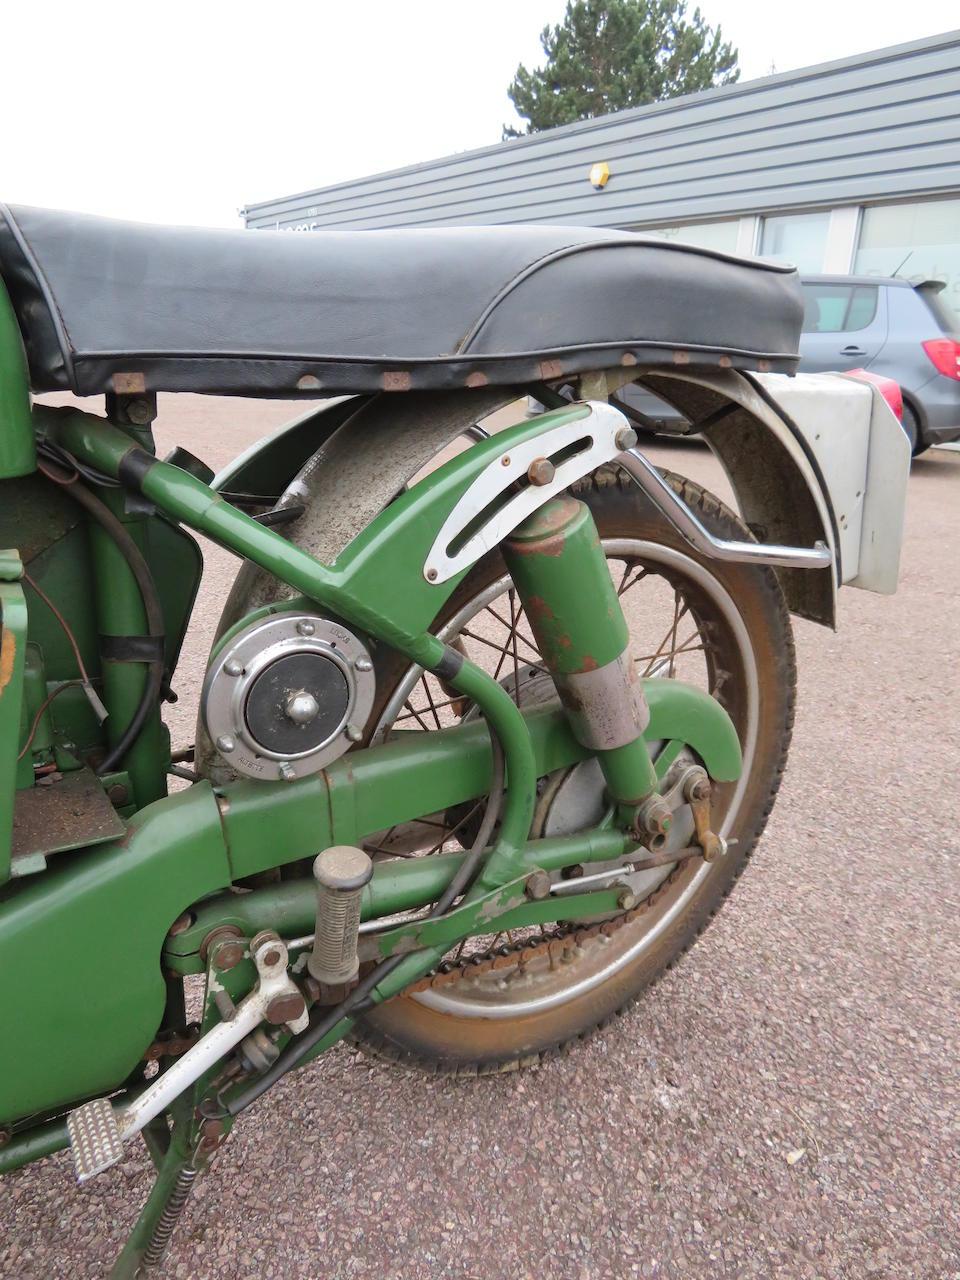 Property of a deceased's estate, c.1961 Velocette 499cc Venom Frame no. RS16882 Engine no. VM3340